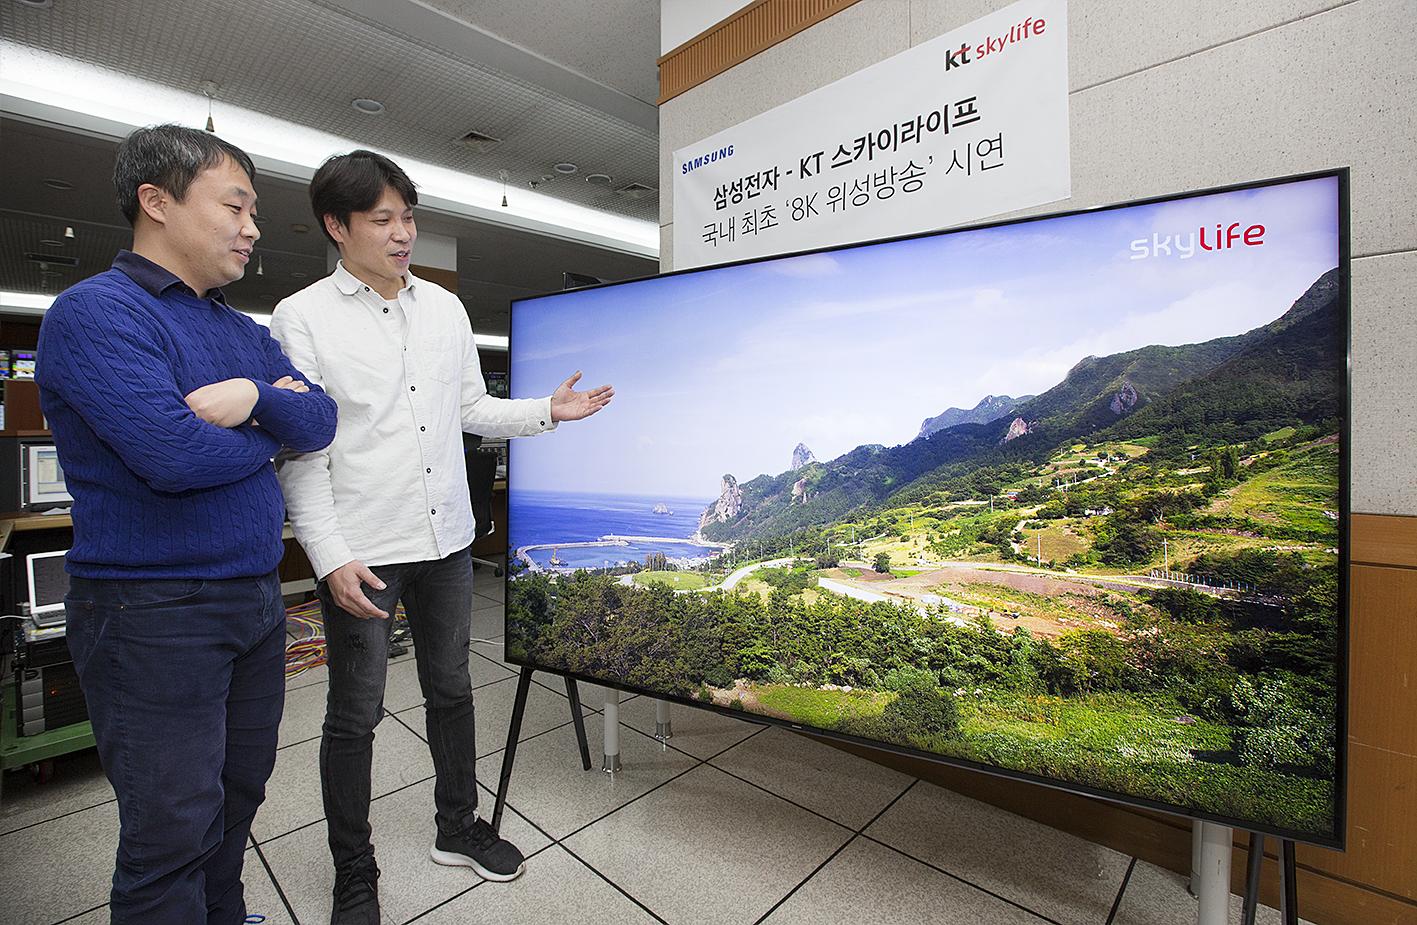 ▲ 삼성전자와 KT스카이라이프 직원이 12일 서울 목동 KT스카이라이프 방송센터에서 올해 출시 예정인 2018년형 삼성 QLED TV(85형)를 이용해 8K UHD 전국 단위 방송 시연을 하고 있다. 이번 시험 방송은 KT스카이라이프가 한국전자통신연구원(ETRI)의 천리안 위성을 통해 전송된 8K UHD 영상을 안테나로 수신해 삼성 QLED TV로 전송하는 방식으로 진행됐다.